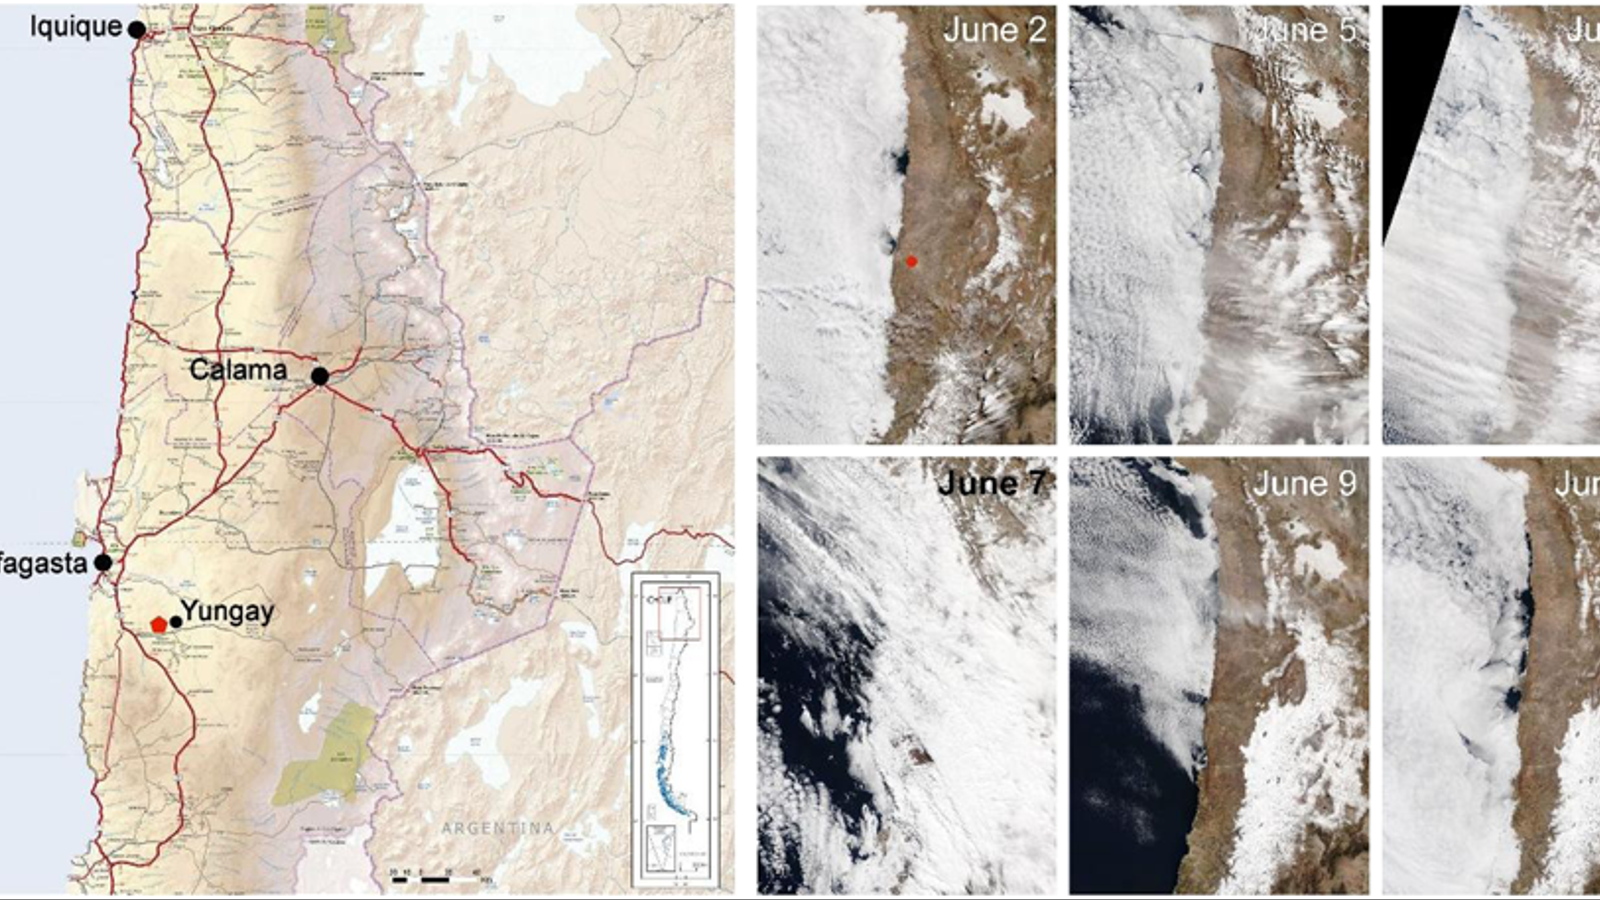 A l'esquerra, el punt vermell mostra la localització de les noves llacunes formades arran de les precipitacions. Els mapes de la dreta plasmen l'arribada de les pluges a Atacama: del dia 2 de juny, que mostra un dia estàndard al desert, al dia 7, quan entra una gran massa de núvols provinents de l'oceà Pacífic